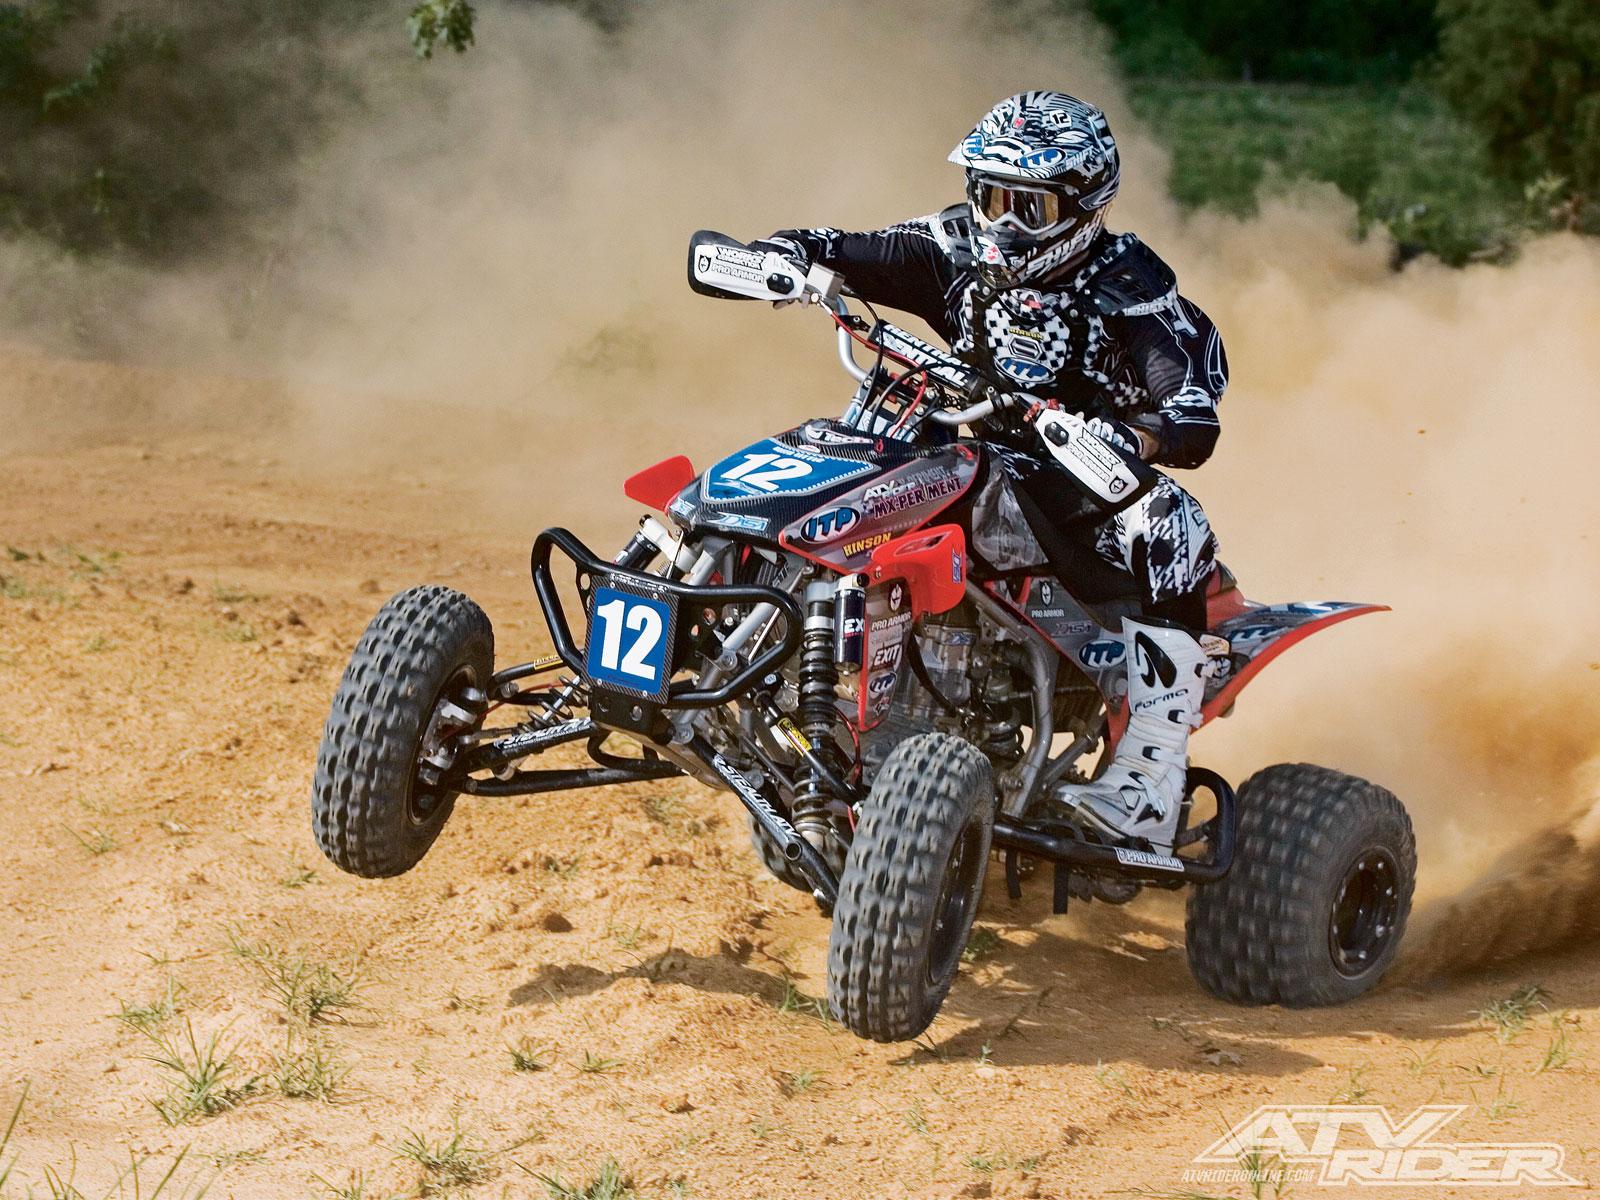 ATV Pictures